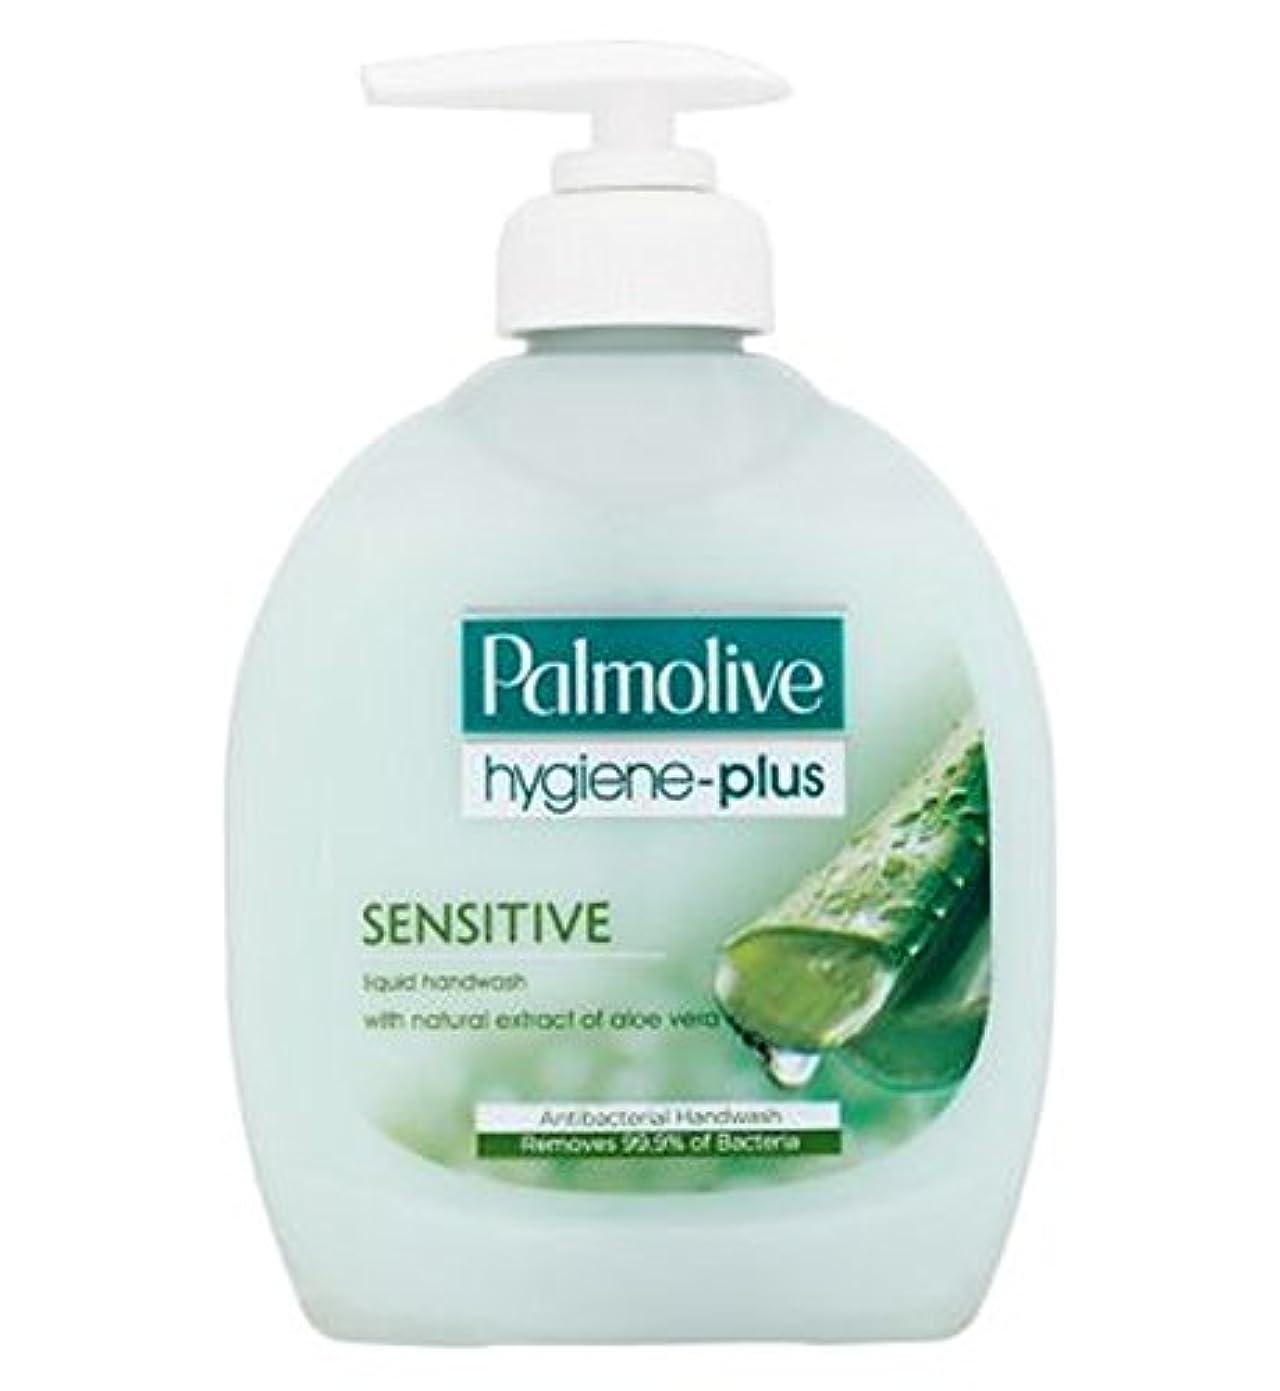 カウントストレス時Palmolive Hygiene Plus Sensitive Handwash - パルモ衛生プラス敏感手洗い (Palmolive) [並行輸入品]